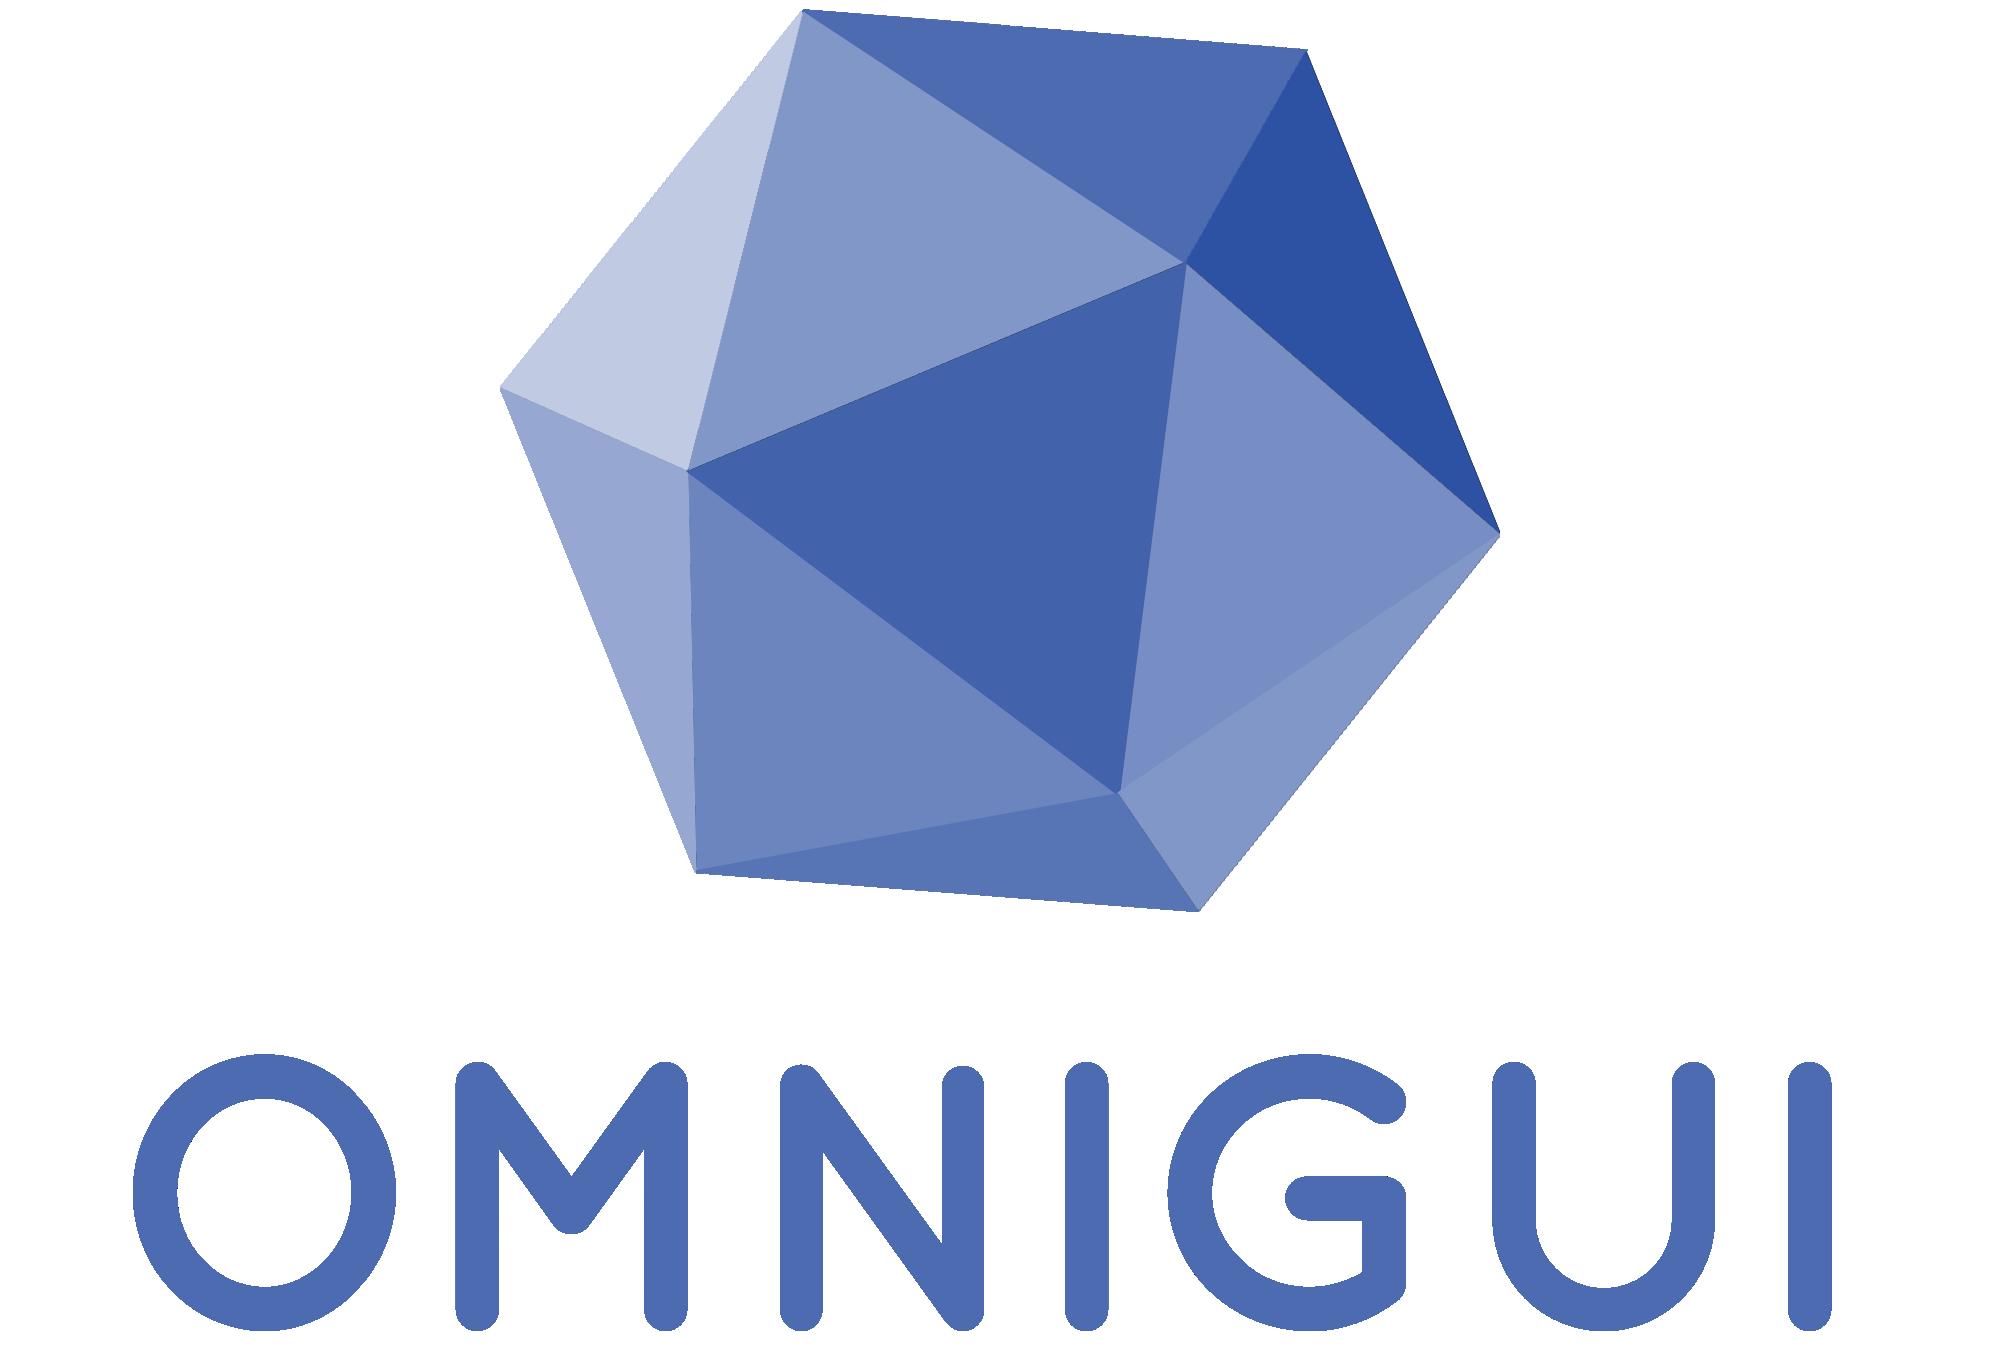 GitHub - OmniGUI/OmniGUI: A cross-platform GUI framework